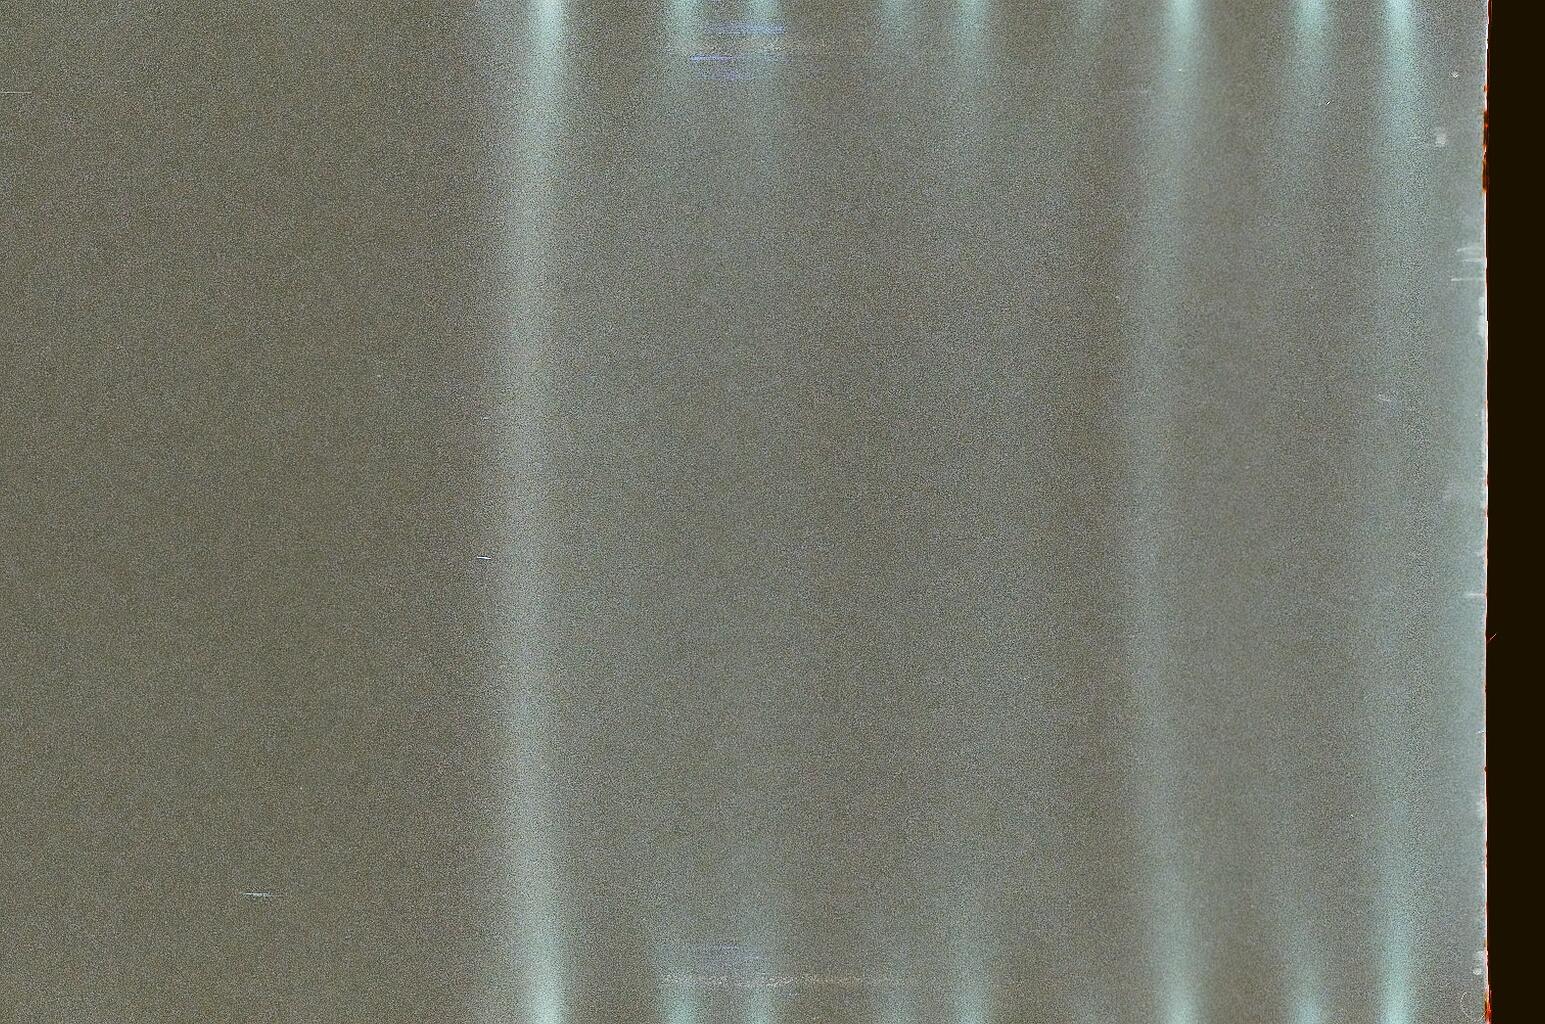 07900001.jpg